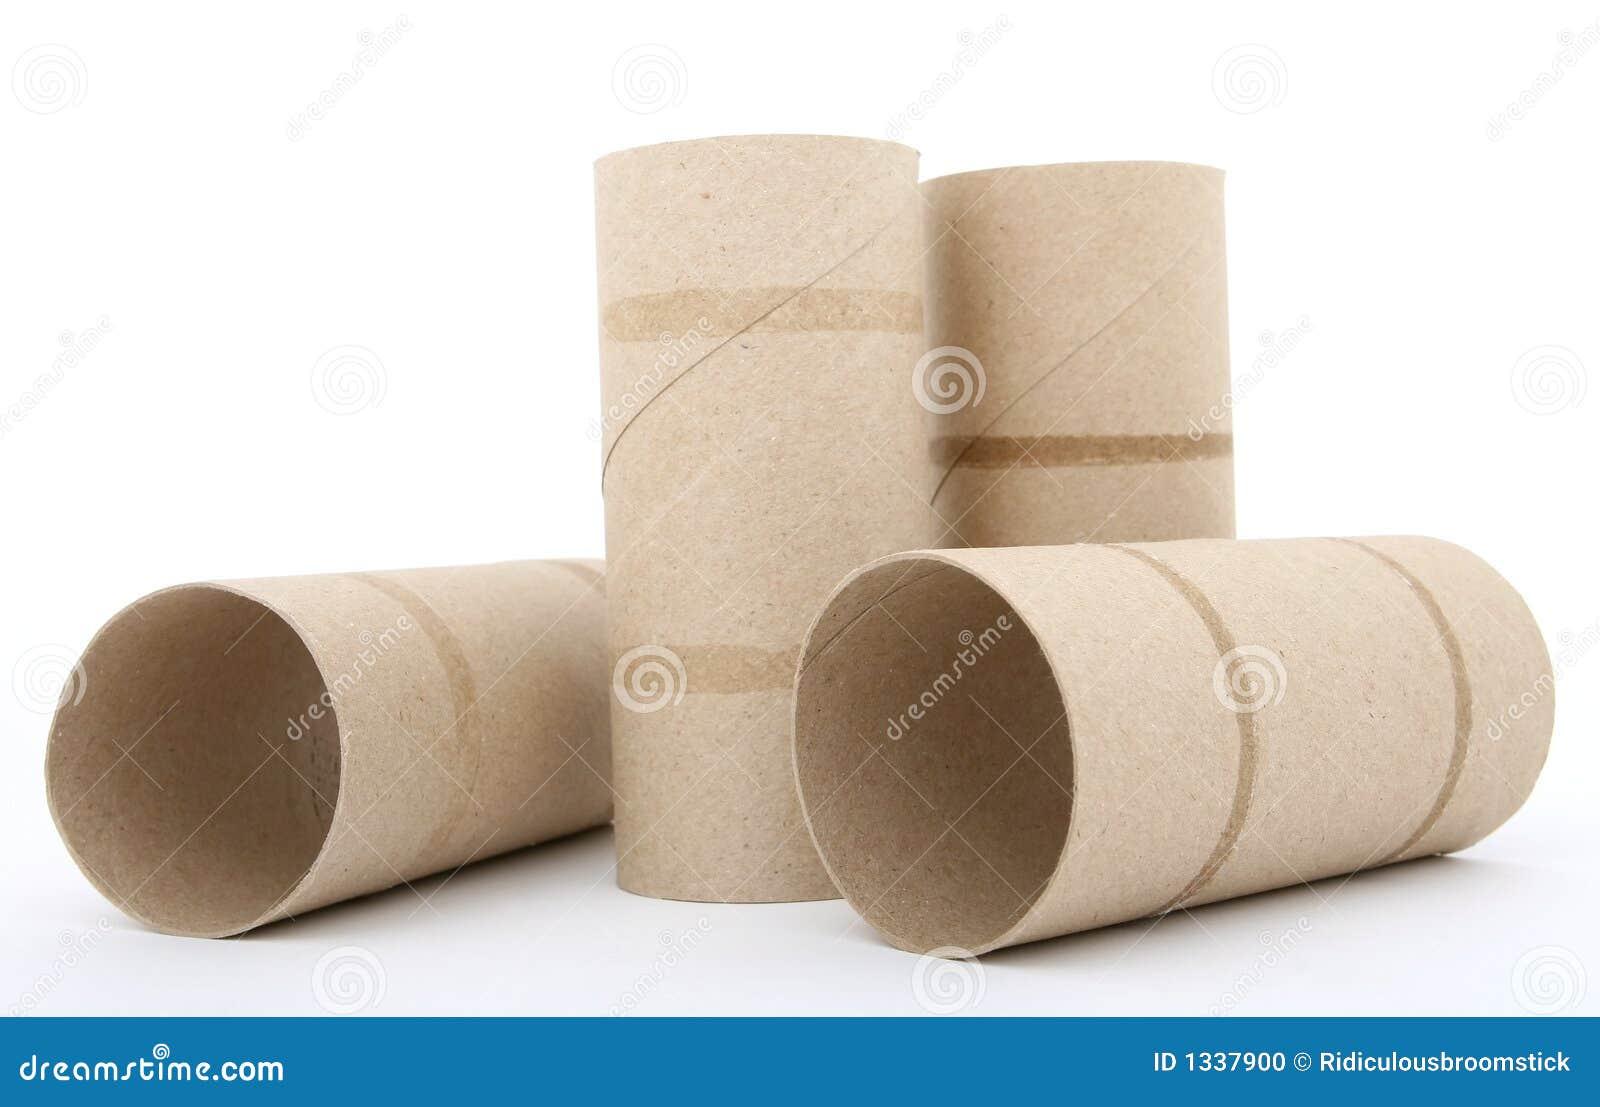 toilettenpapierrollen stockfoto bild von gesundheit. Black Bedroom Furniture Sets. Home Design Ideas